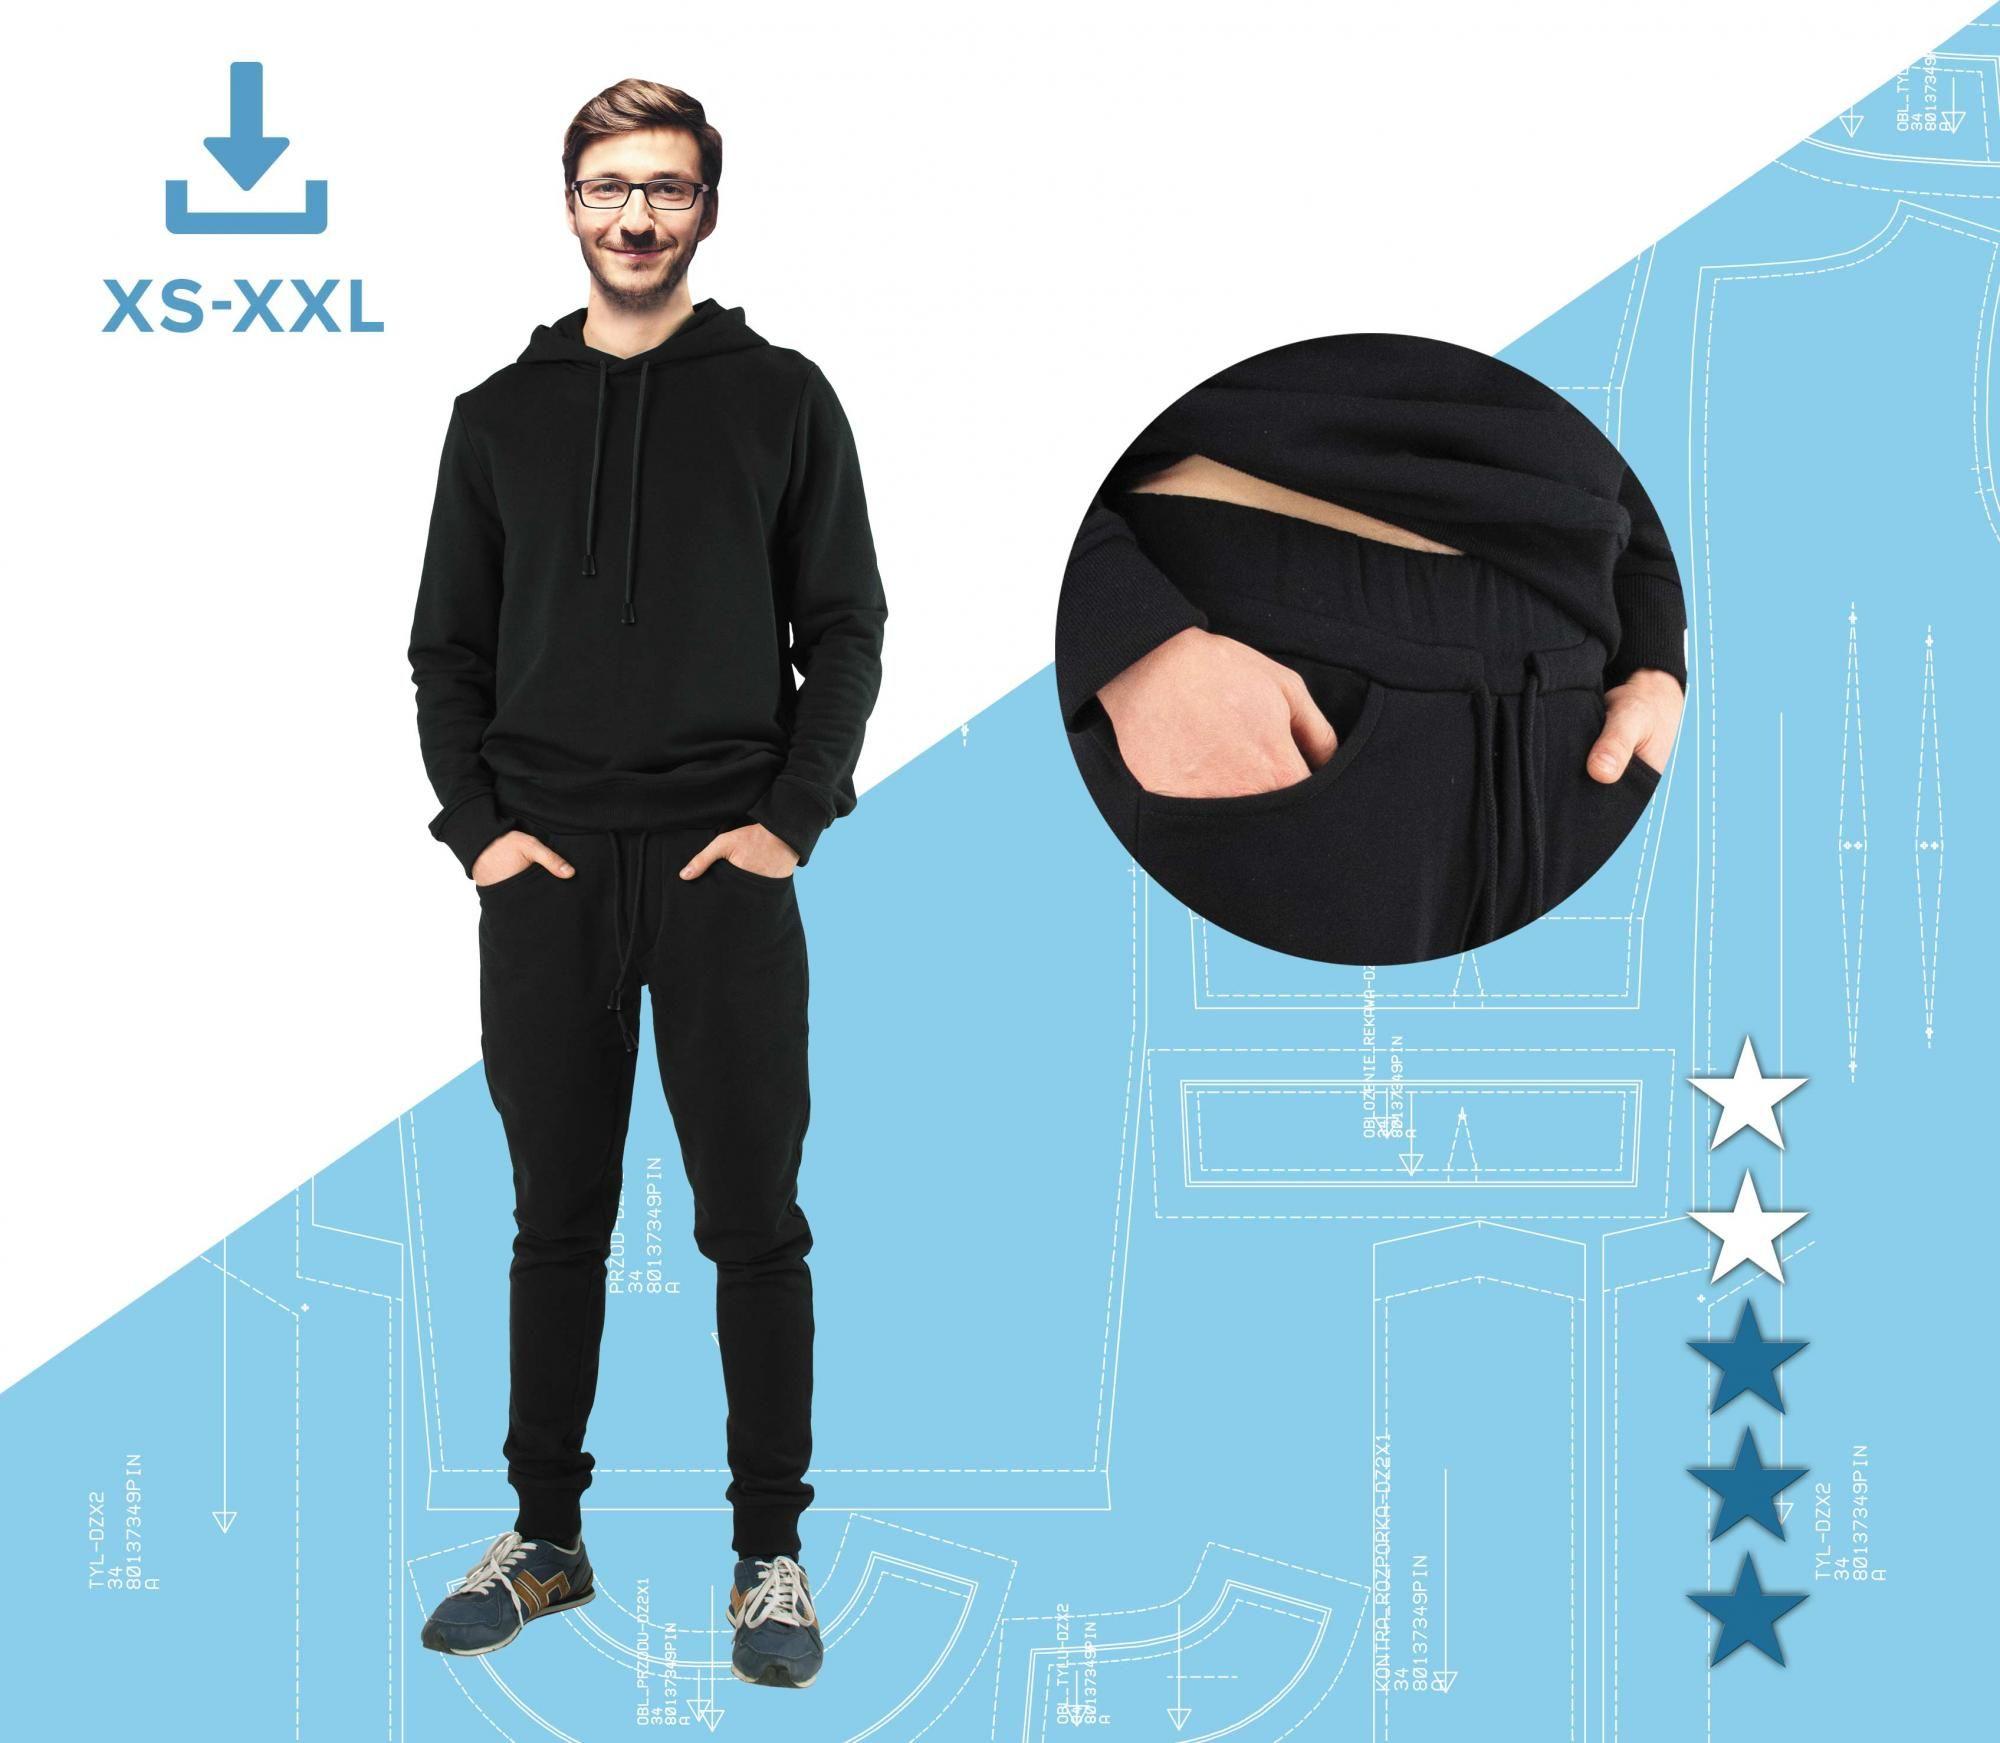 54b511c3 Spodnie dresowe Fabian XS-XXL Plik A4 | Pinsola